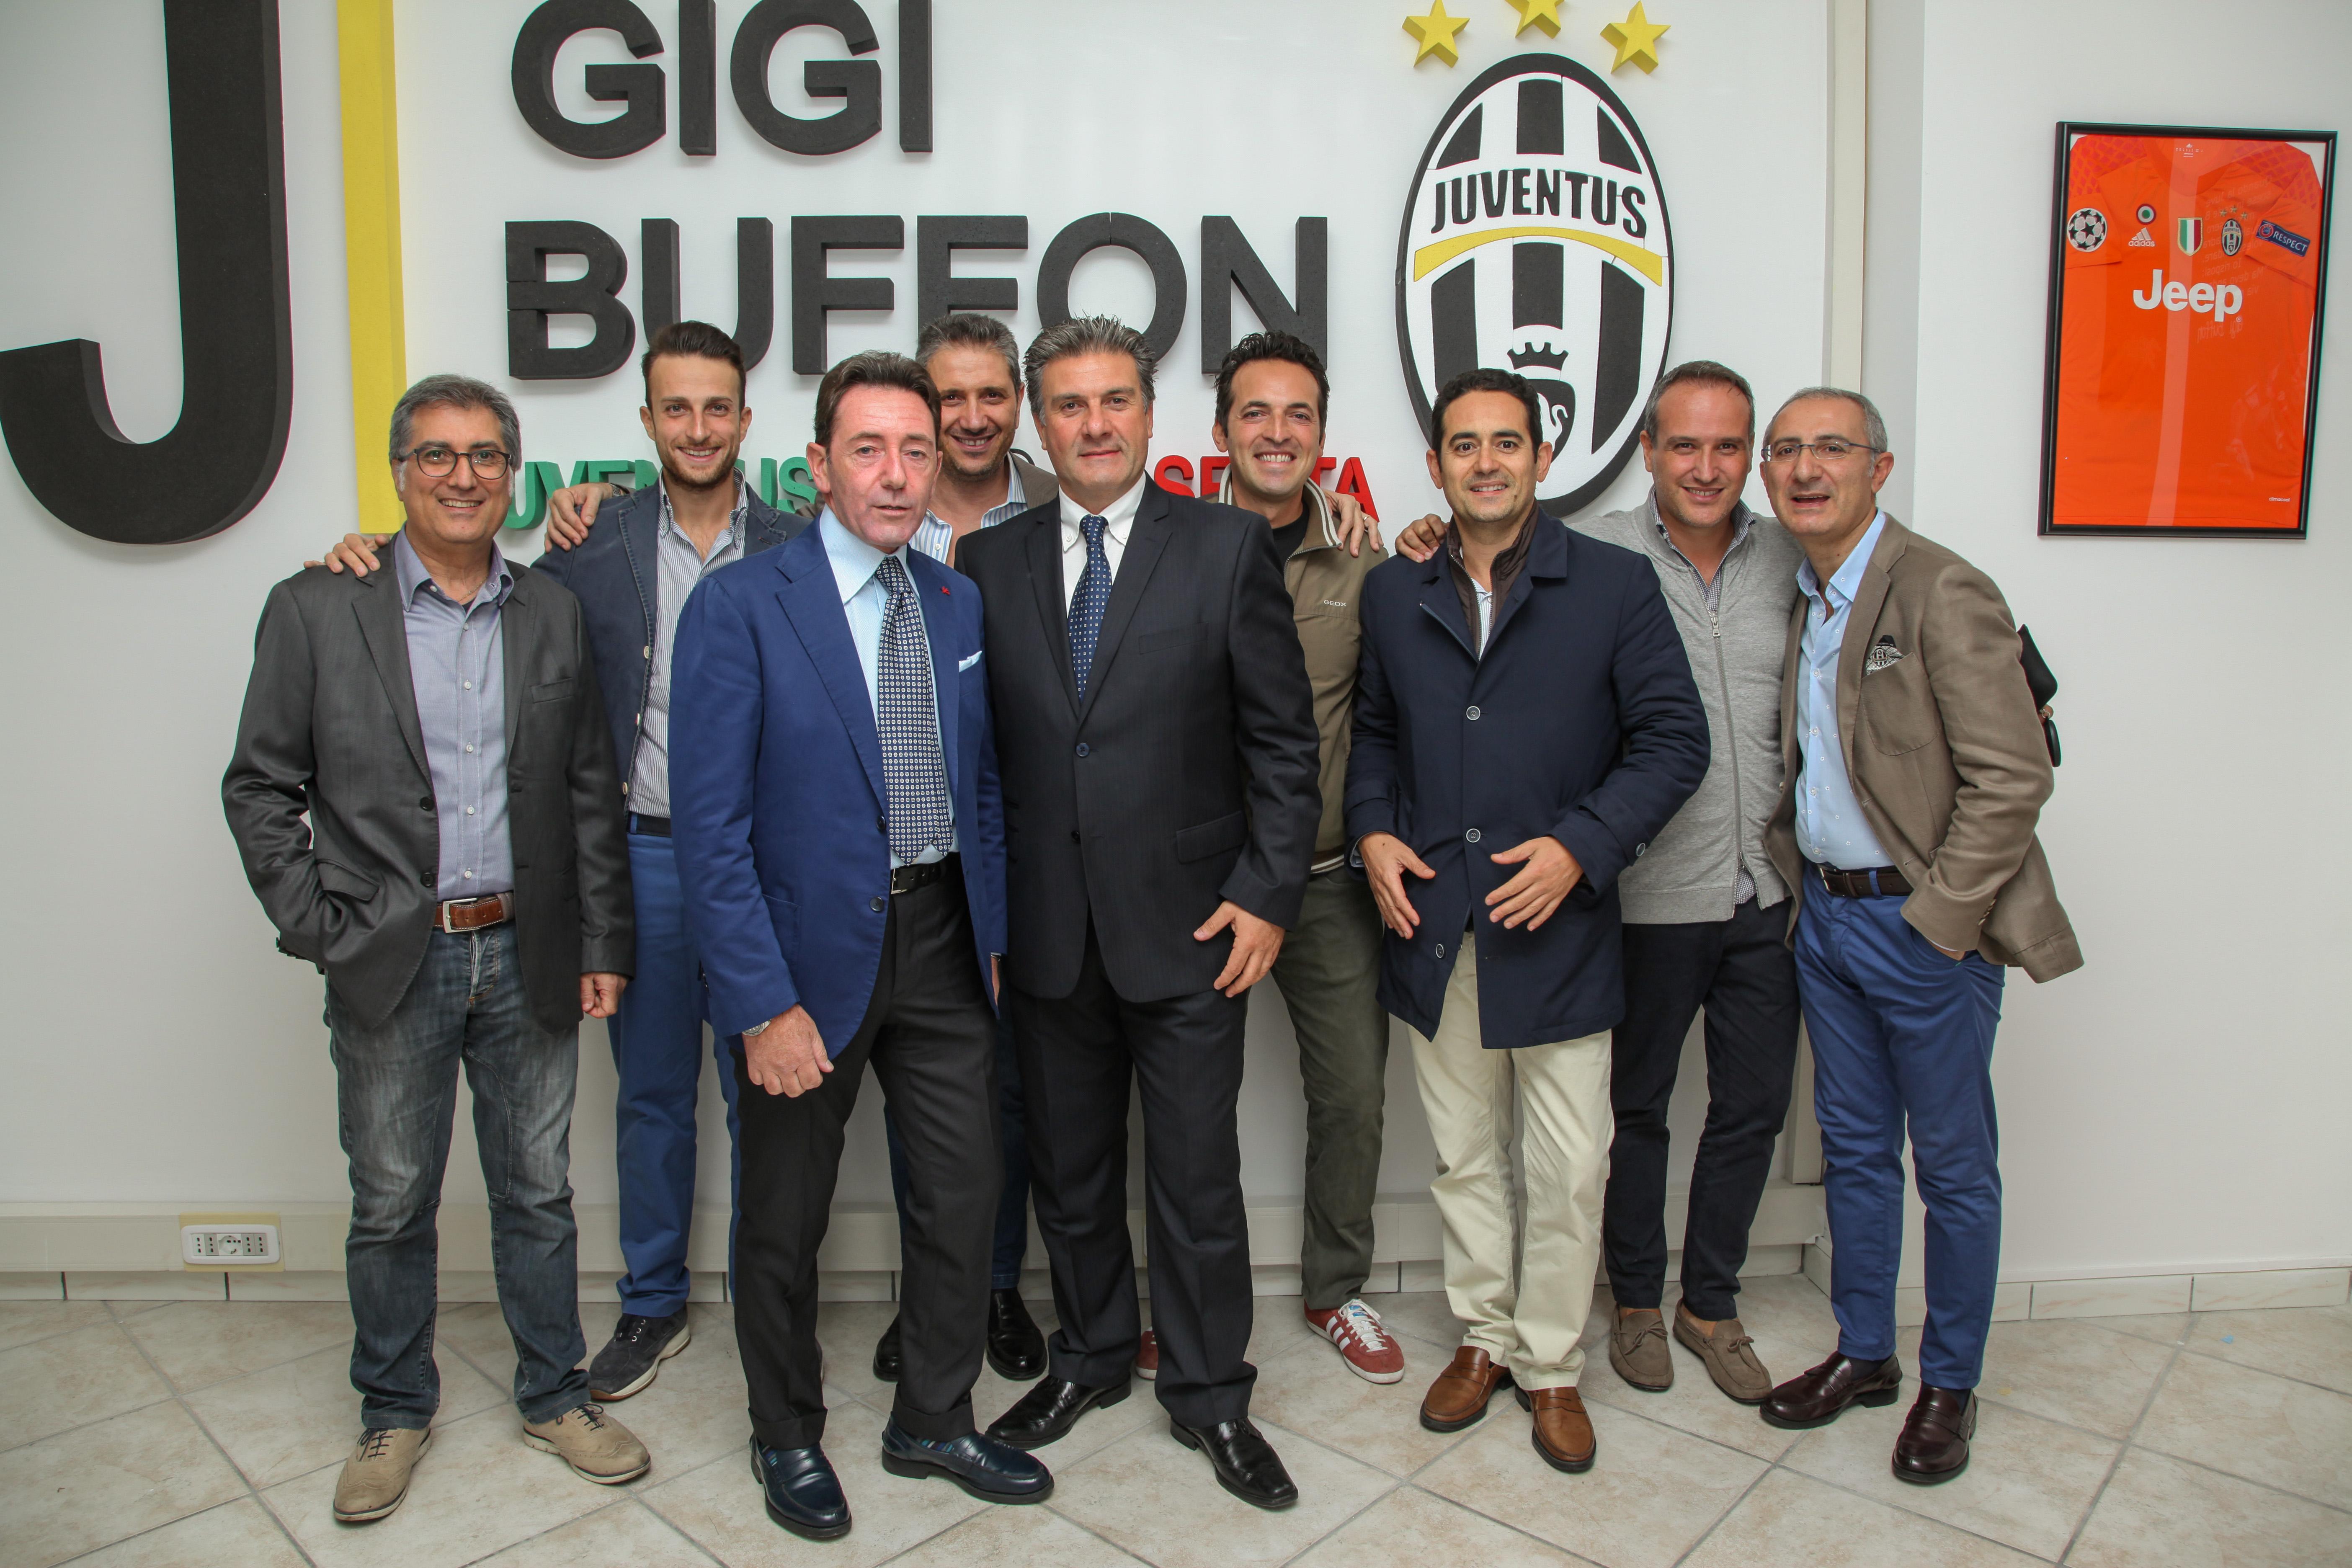 L organigramma del Club si completa con gli amici Francesco Casertano al  quale viene affidata la Responsabilità della Segreteria b9d0e0e6b8f